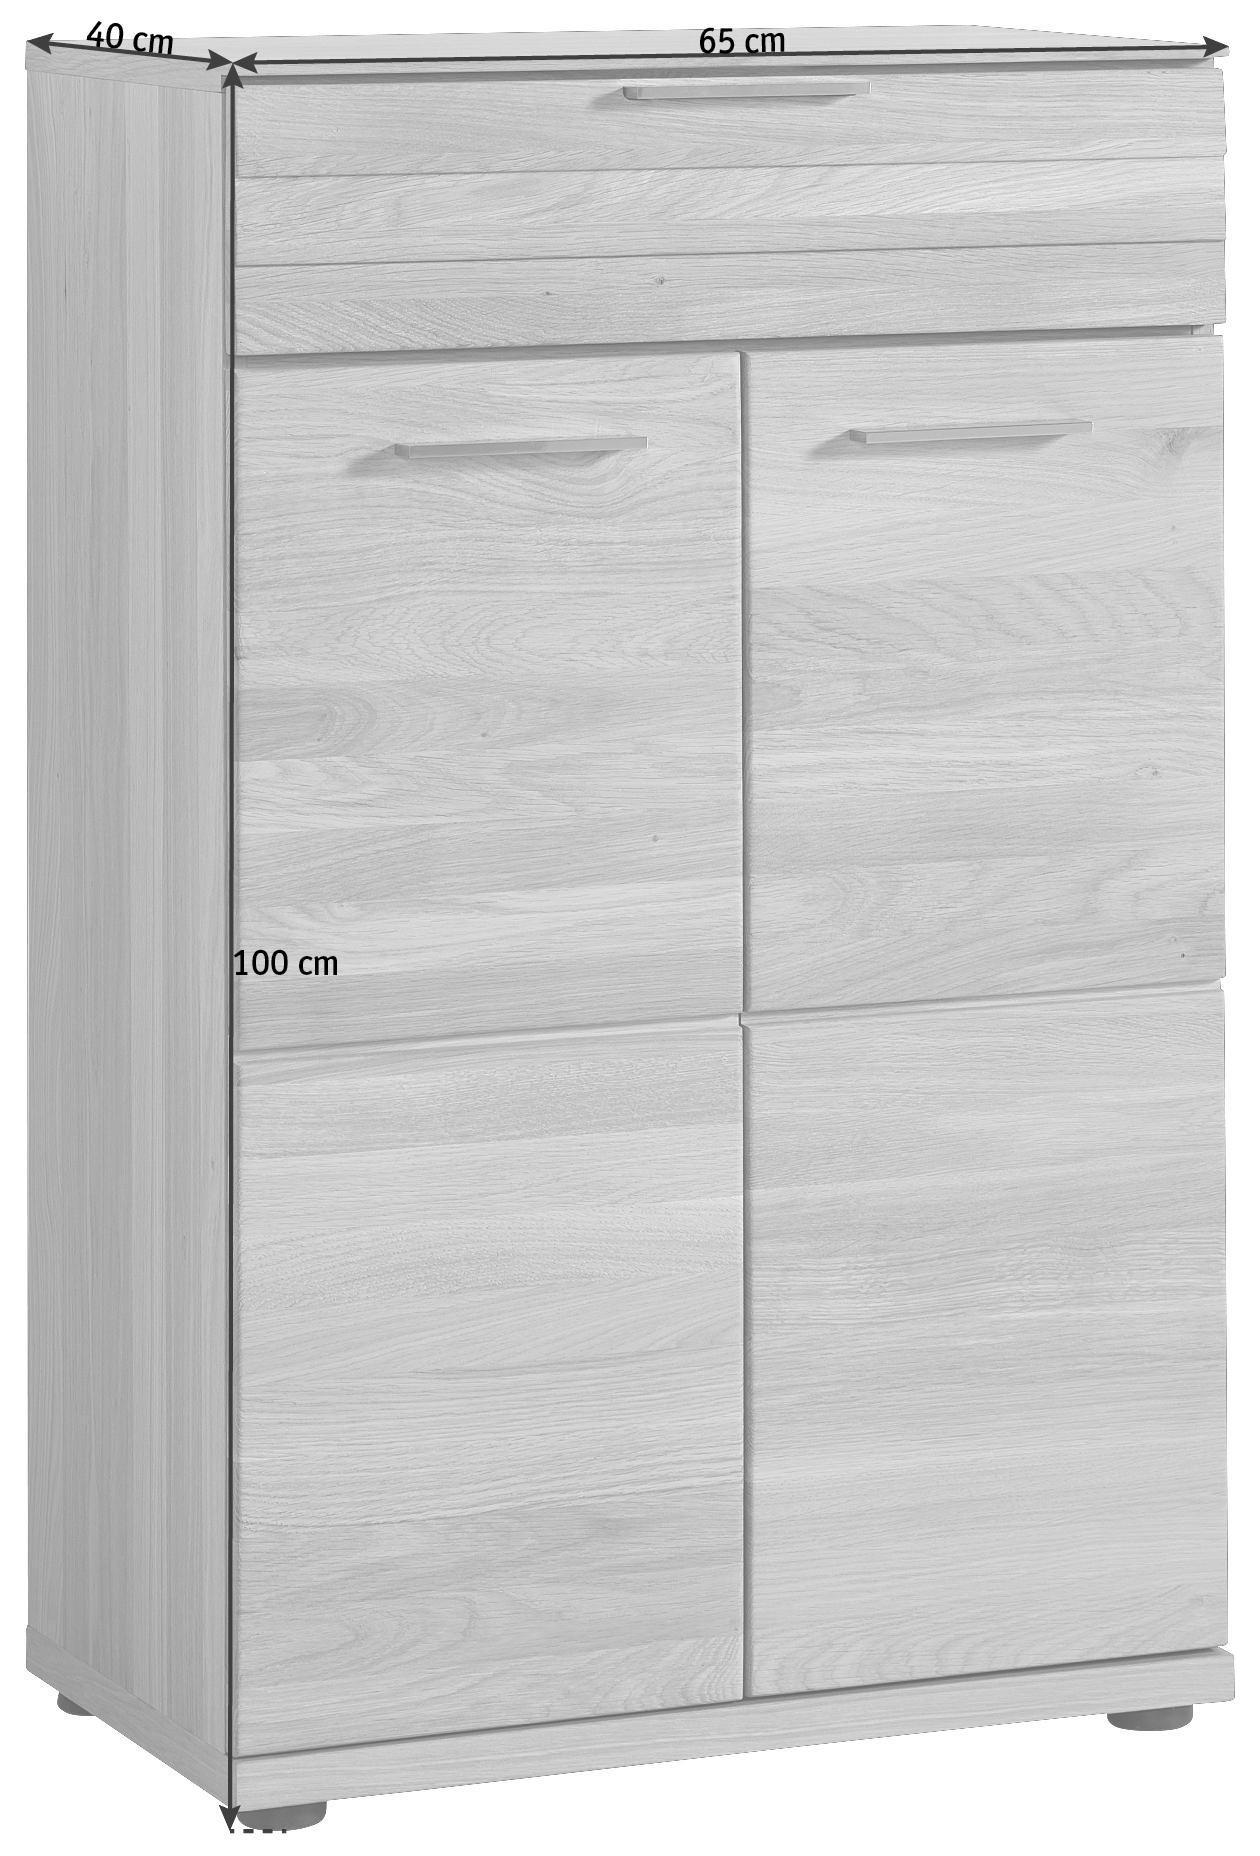 SCHUHSCHRANK - Edelstahlfarben/Eichefarben, Design, Holzwerkstoff/Metall (65/100/40cm)